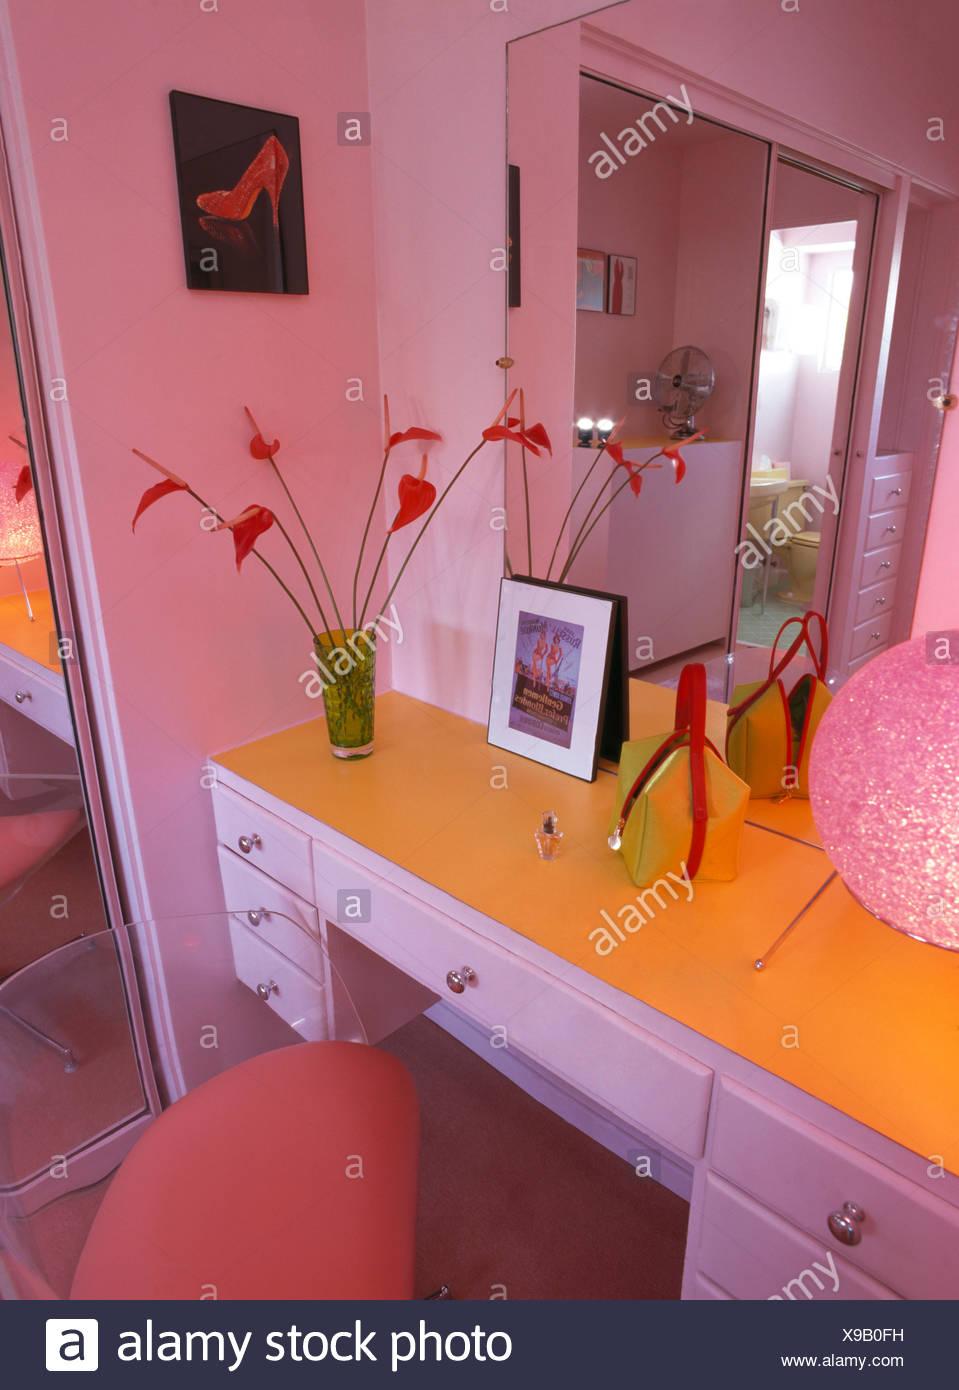 Spiegel oben montiert Schminktisch rosa 50er Jahre Stil Schlafzimmer ...